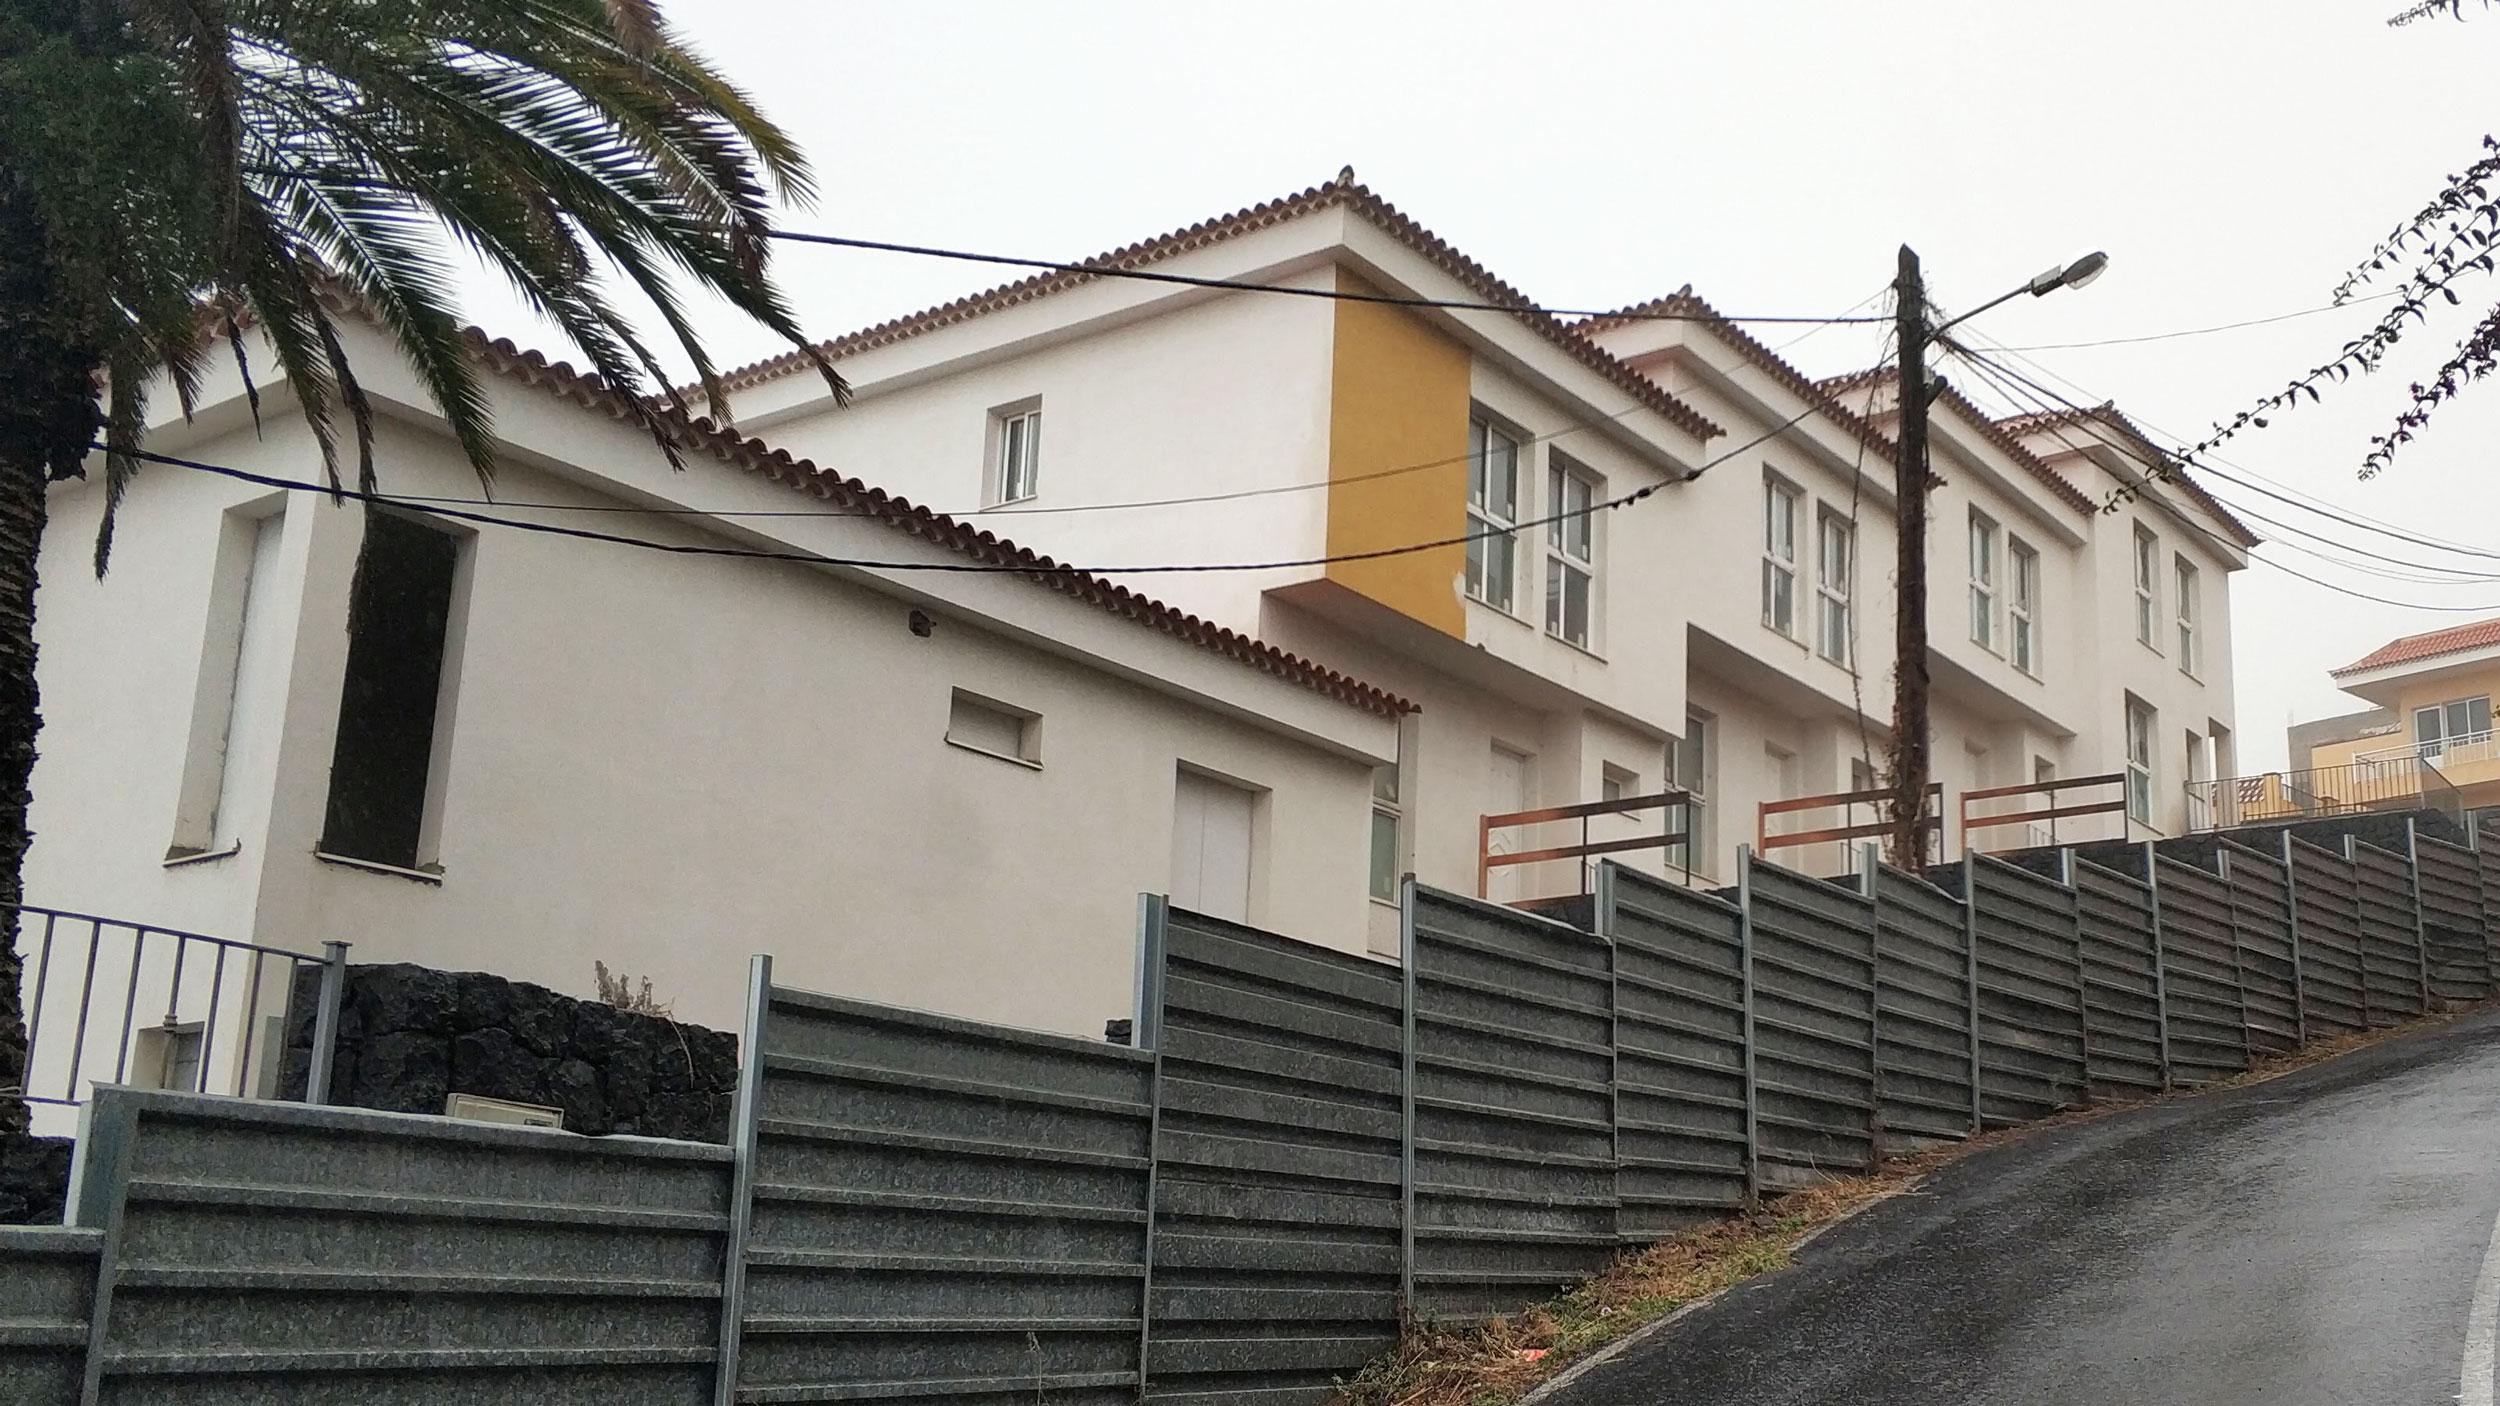 LEGALIZACION de 6 VIVIENDAS ADOSADAS en El Sauzal